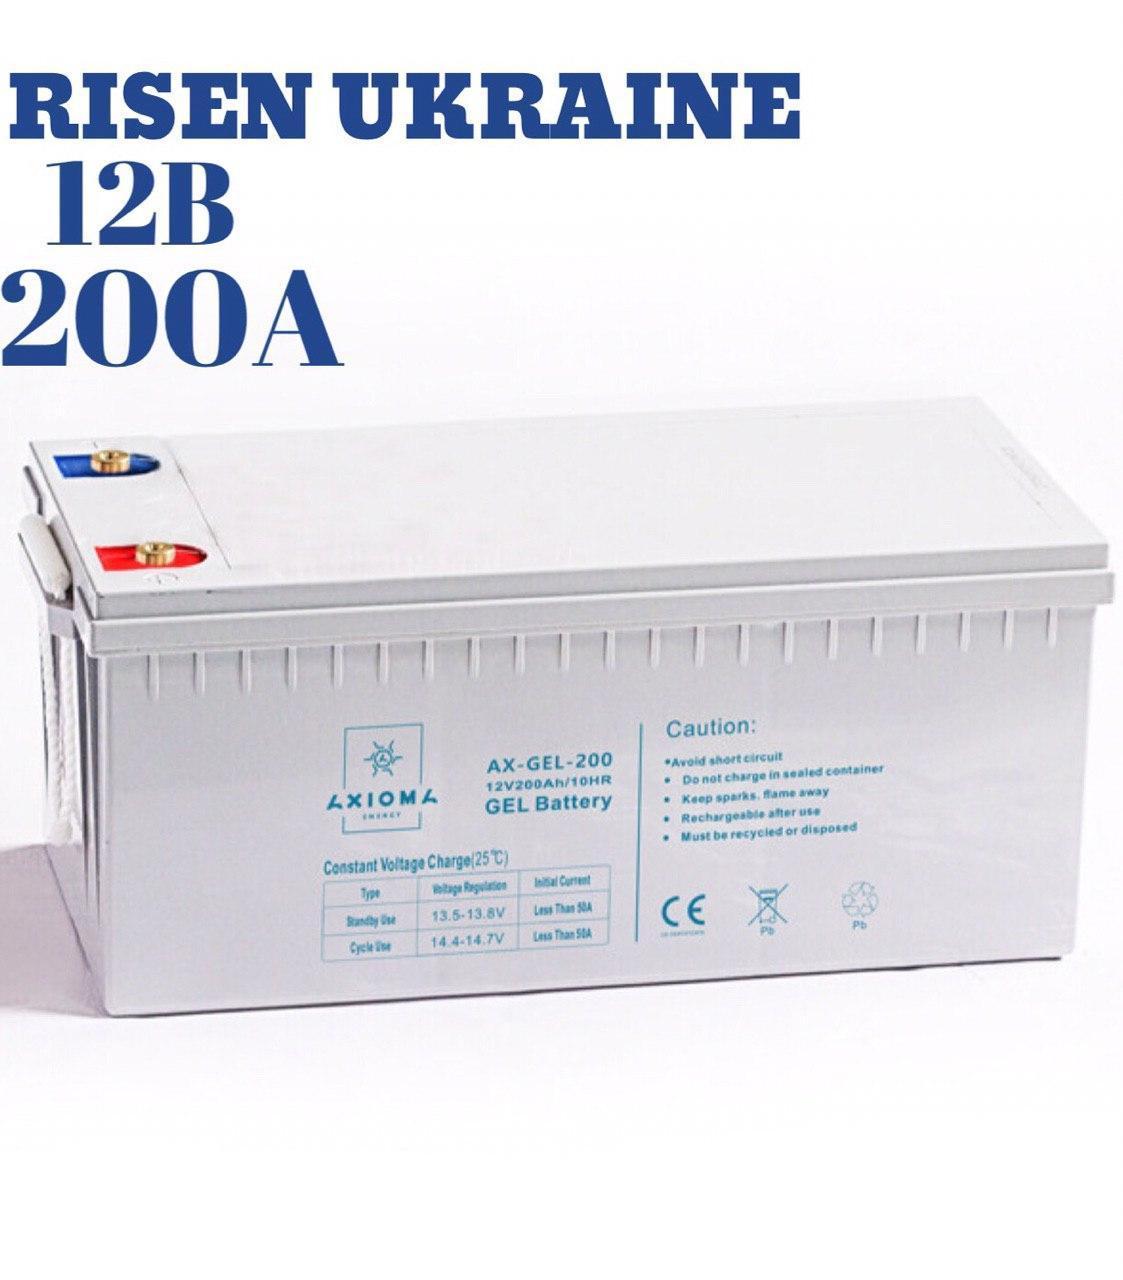 Аккумулятор гелевый 12В 200Ач, AX-GEL-200, AXIOMA energy